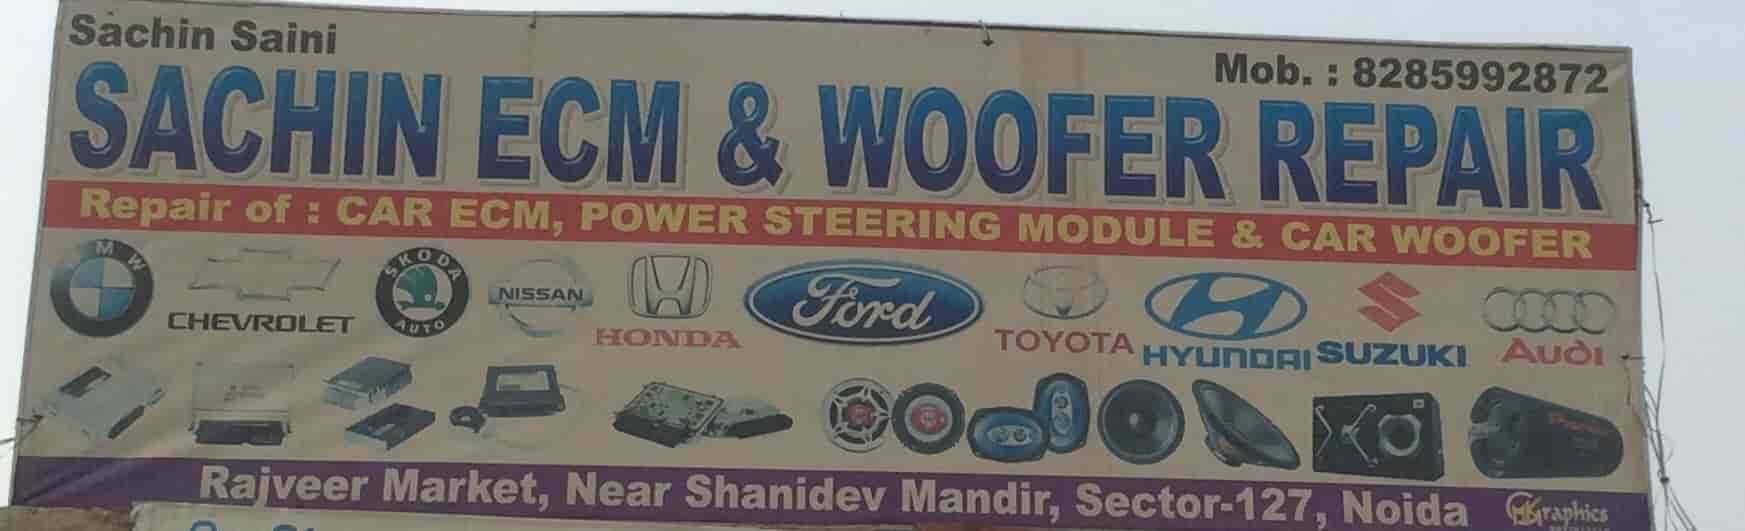 Sachin ECM Woofer Repair Photos, Noida Sector 66, Noida